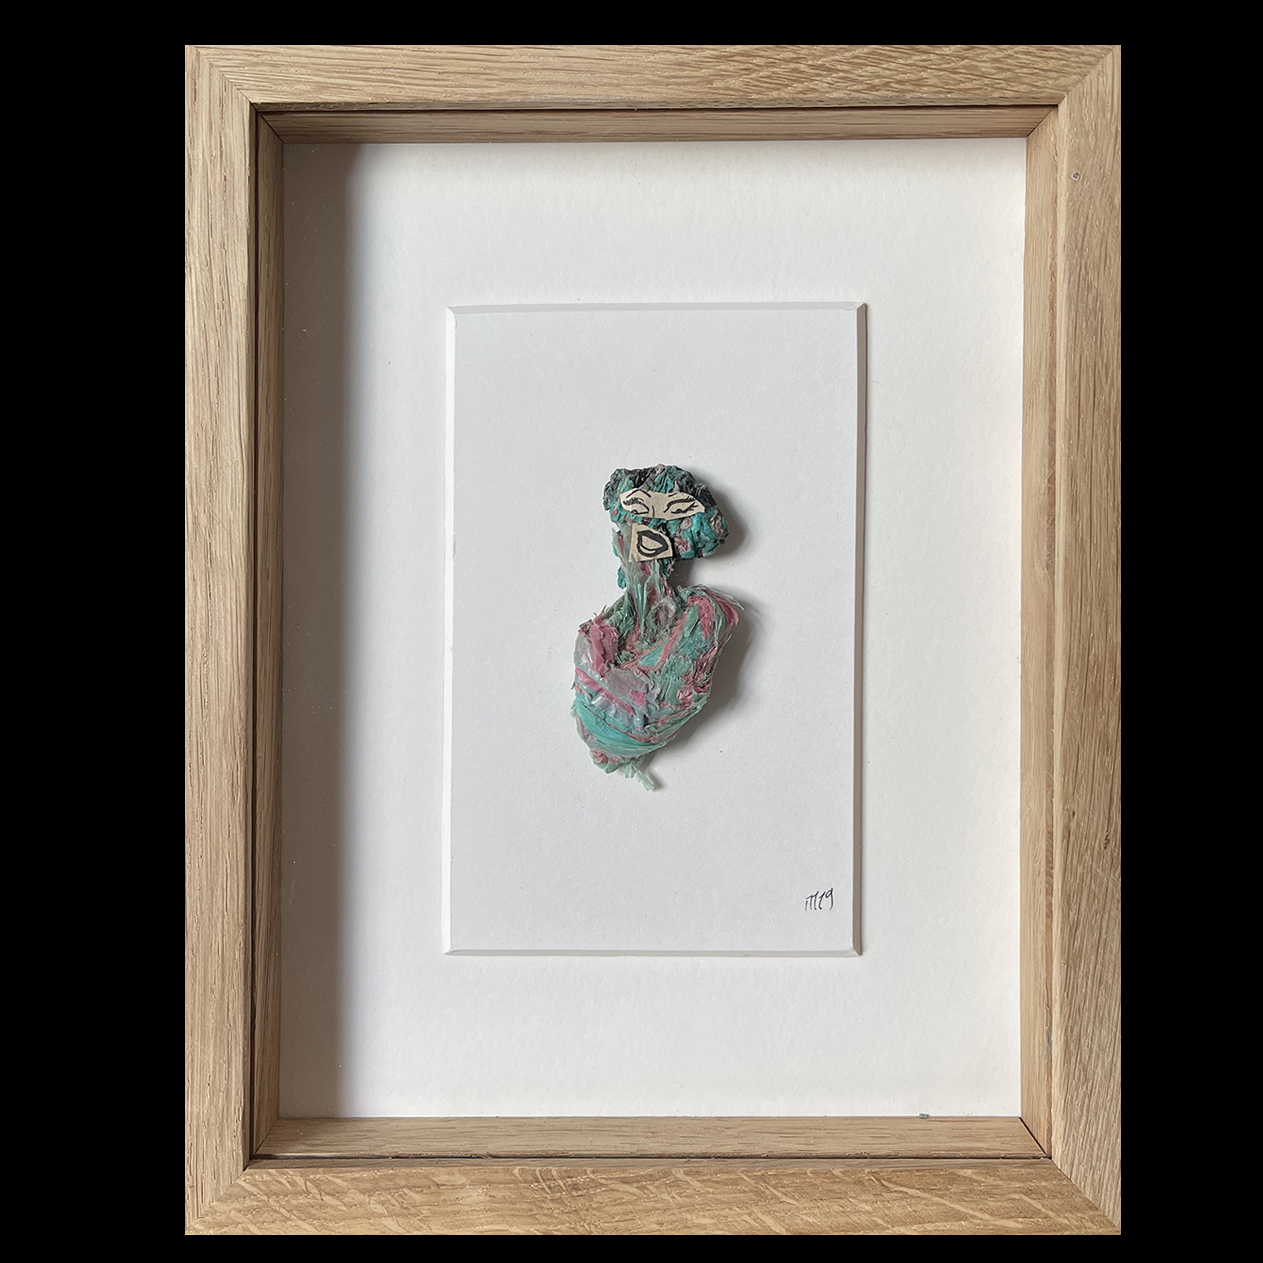 Marcel Miracle, Sans titre, 2016. Collage 37,5 x 30 cm